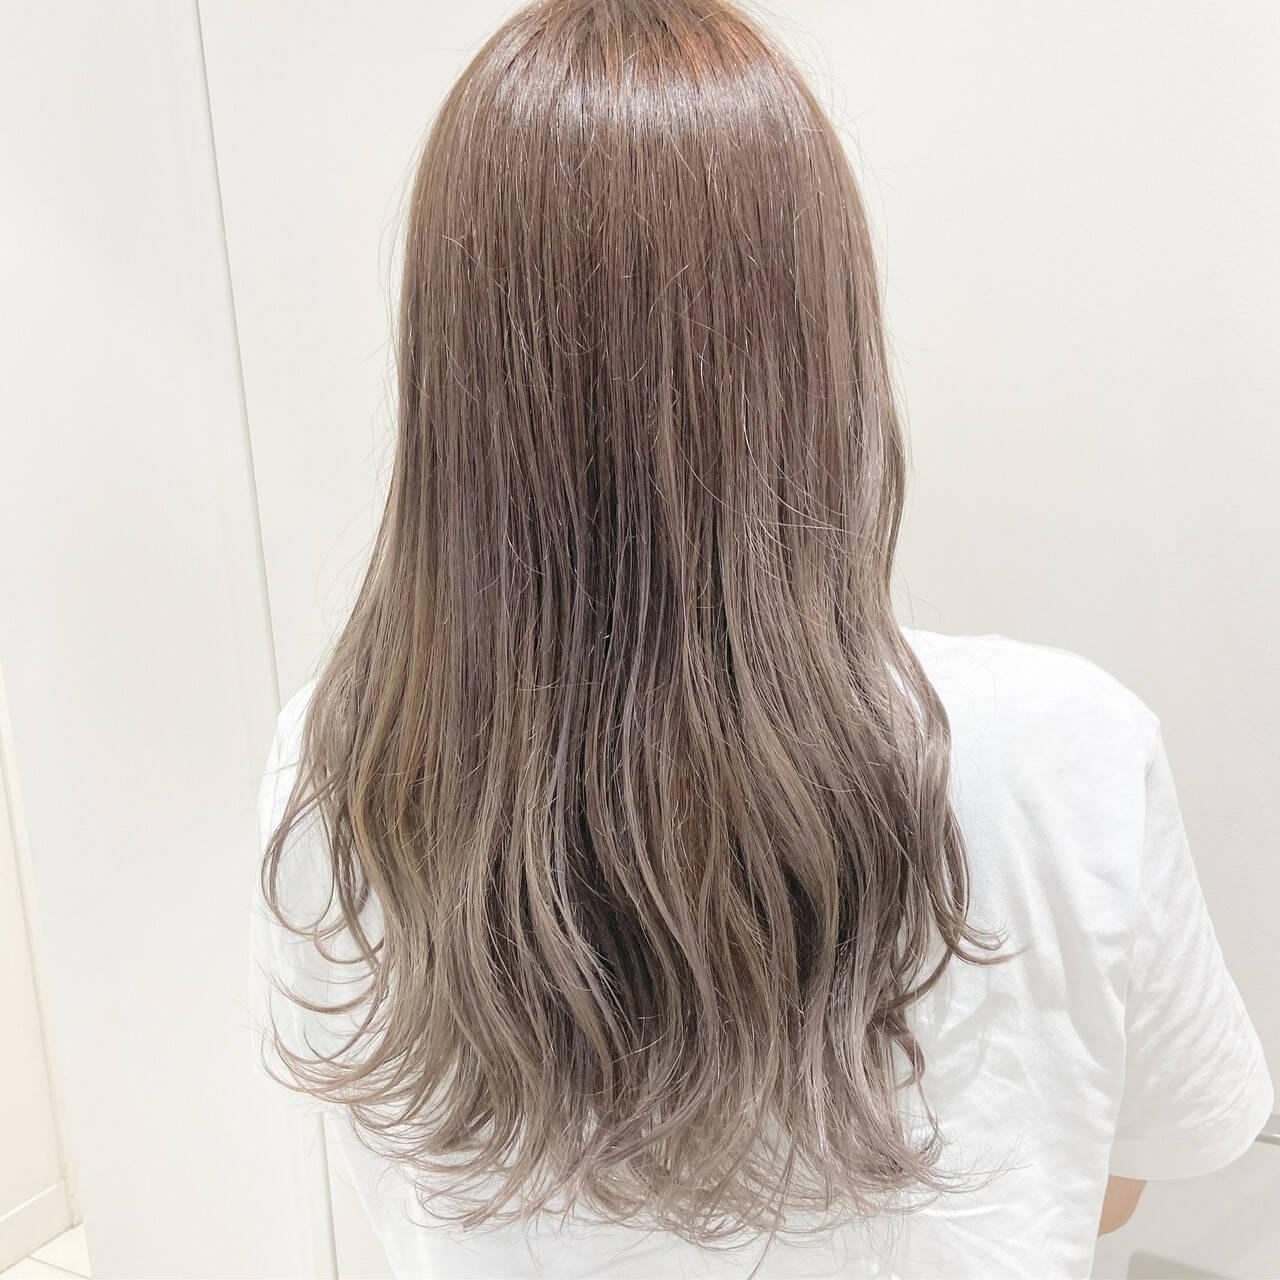 ミルクティーグレージュ ミルクティー ロング ミルクティーアッシュヘアスタイルや髪型の写真・画像